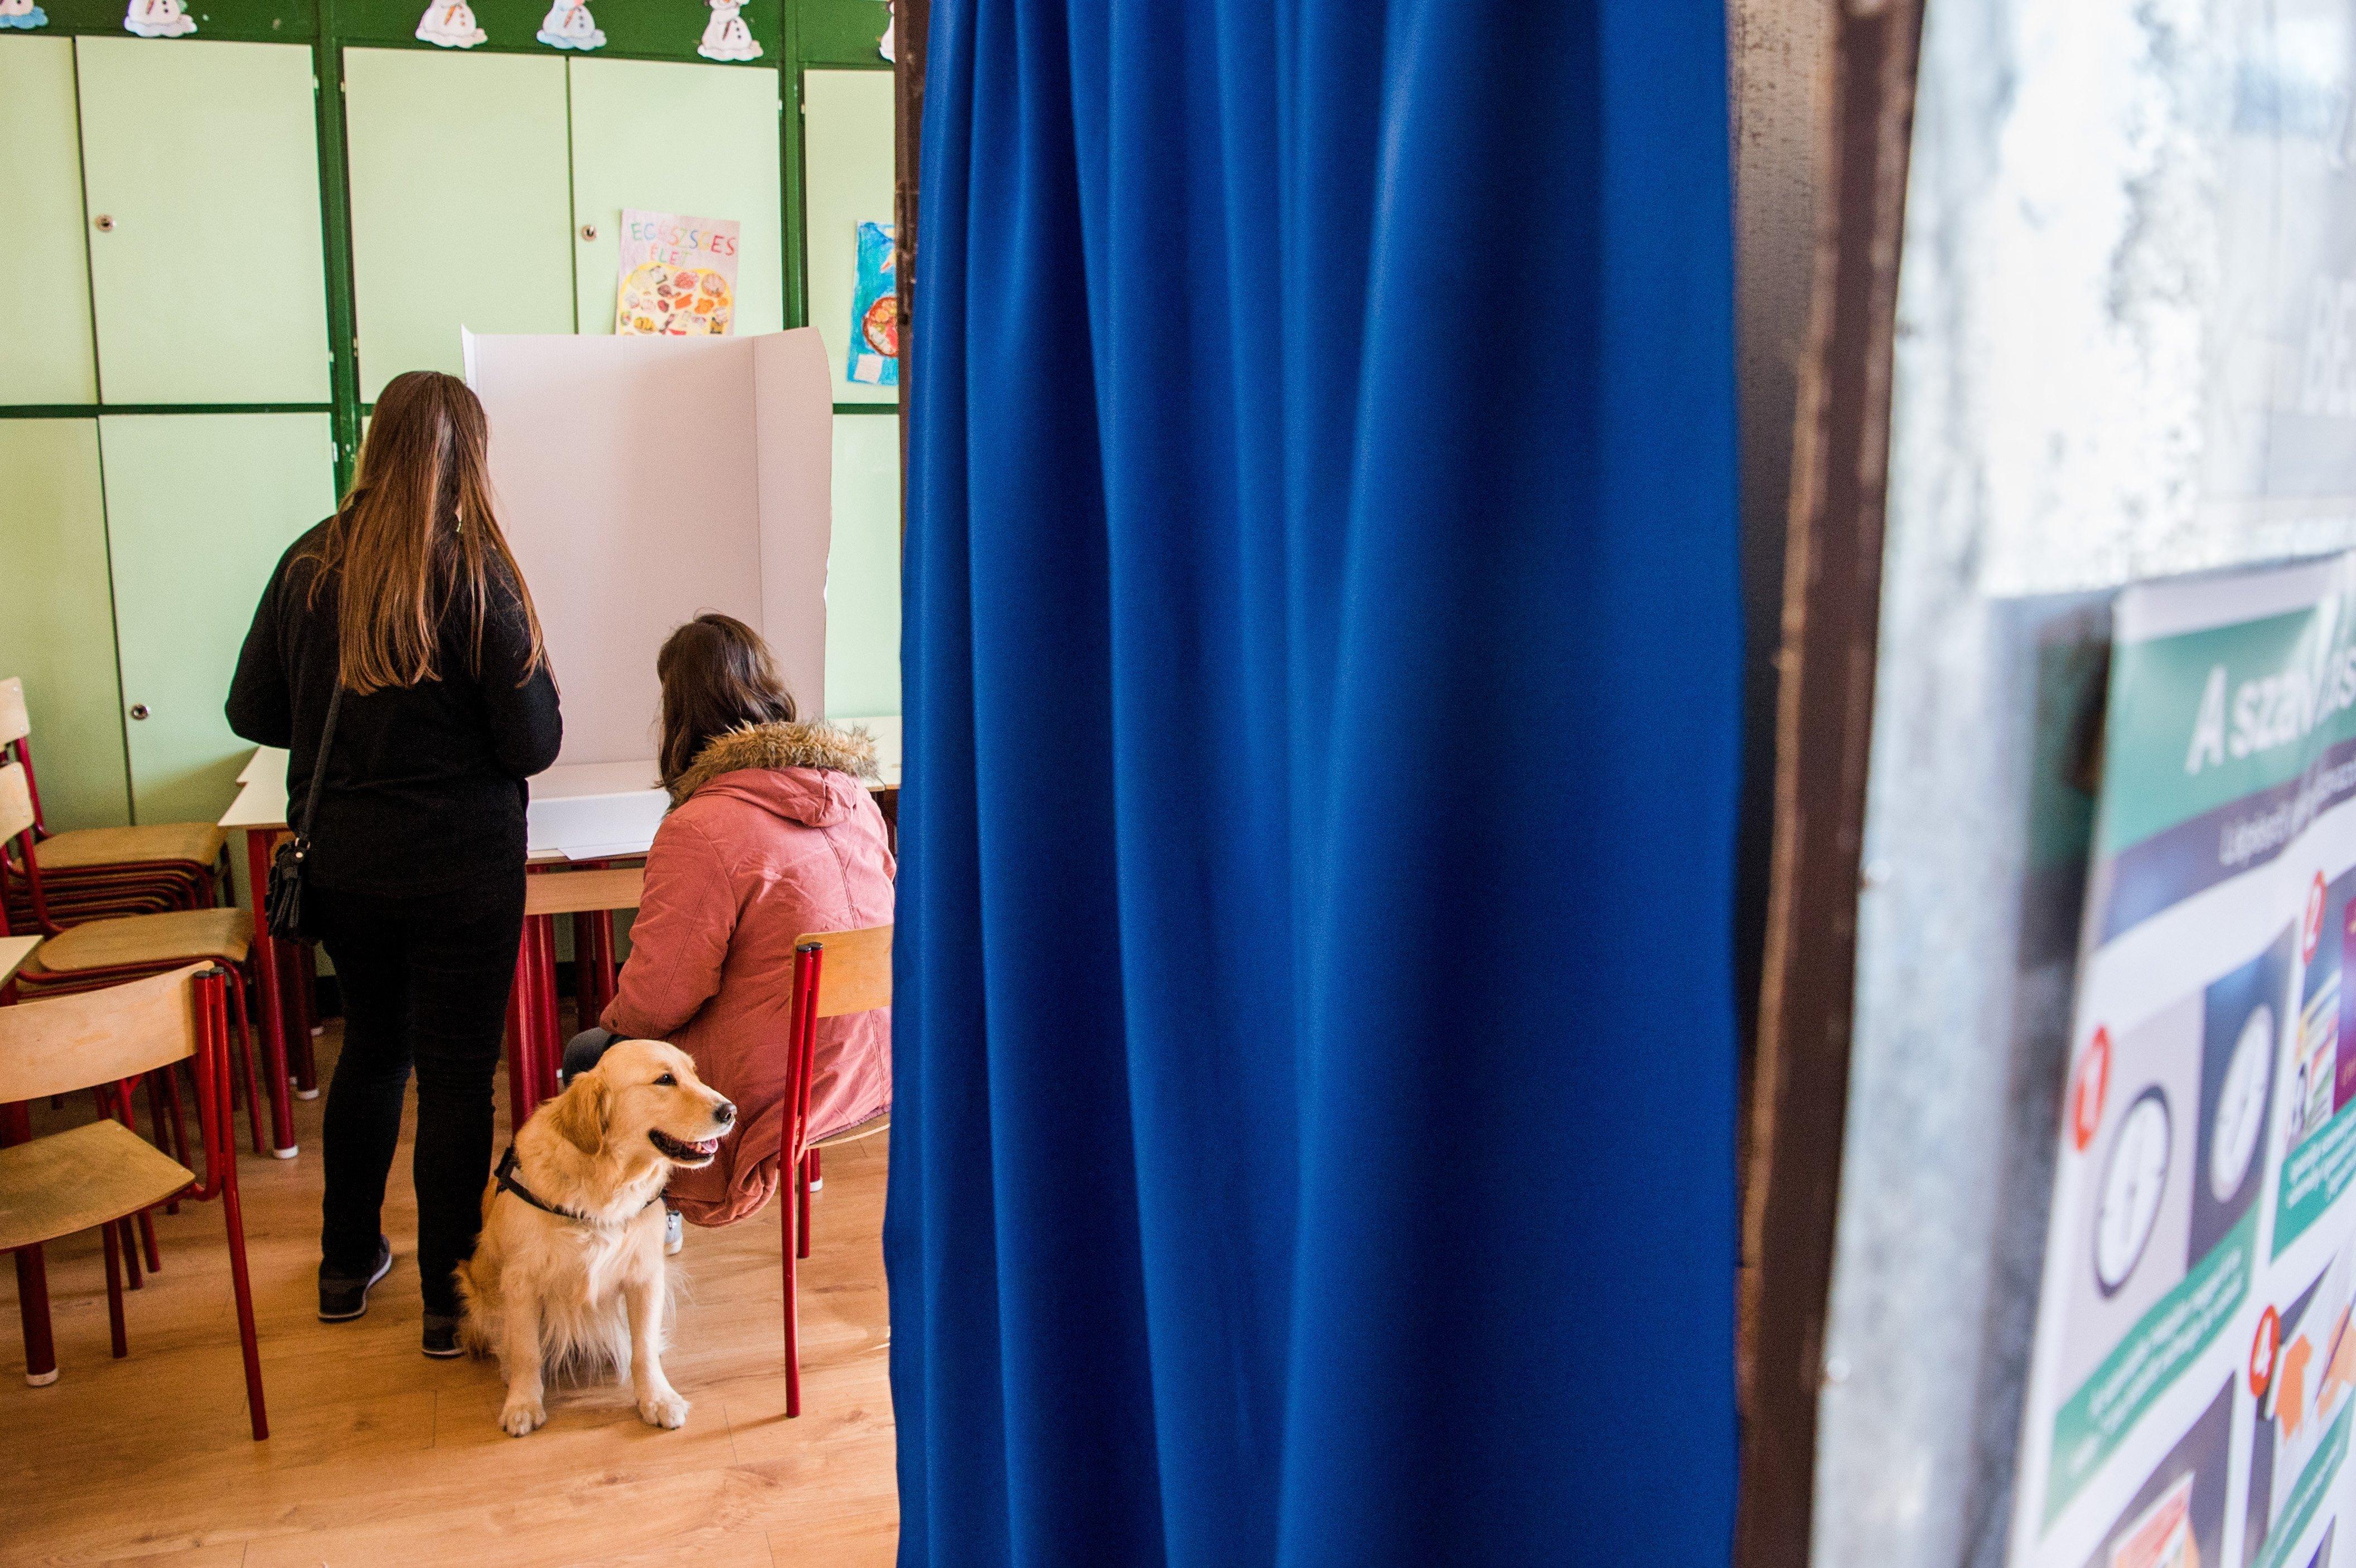 A magyar társadalomban valami nagyon komolyan eltört a harmadik kétharmad után